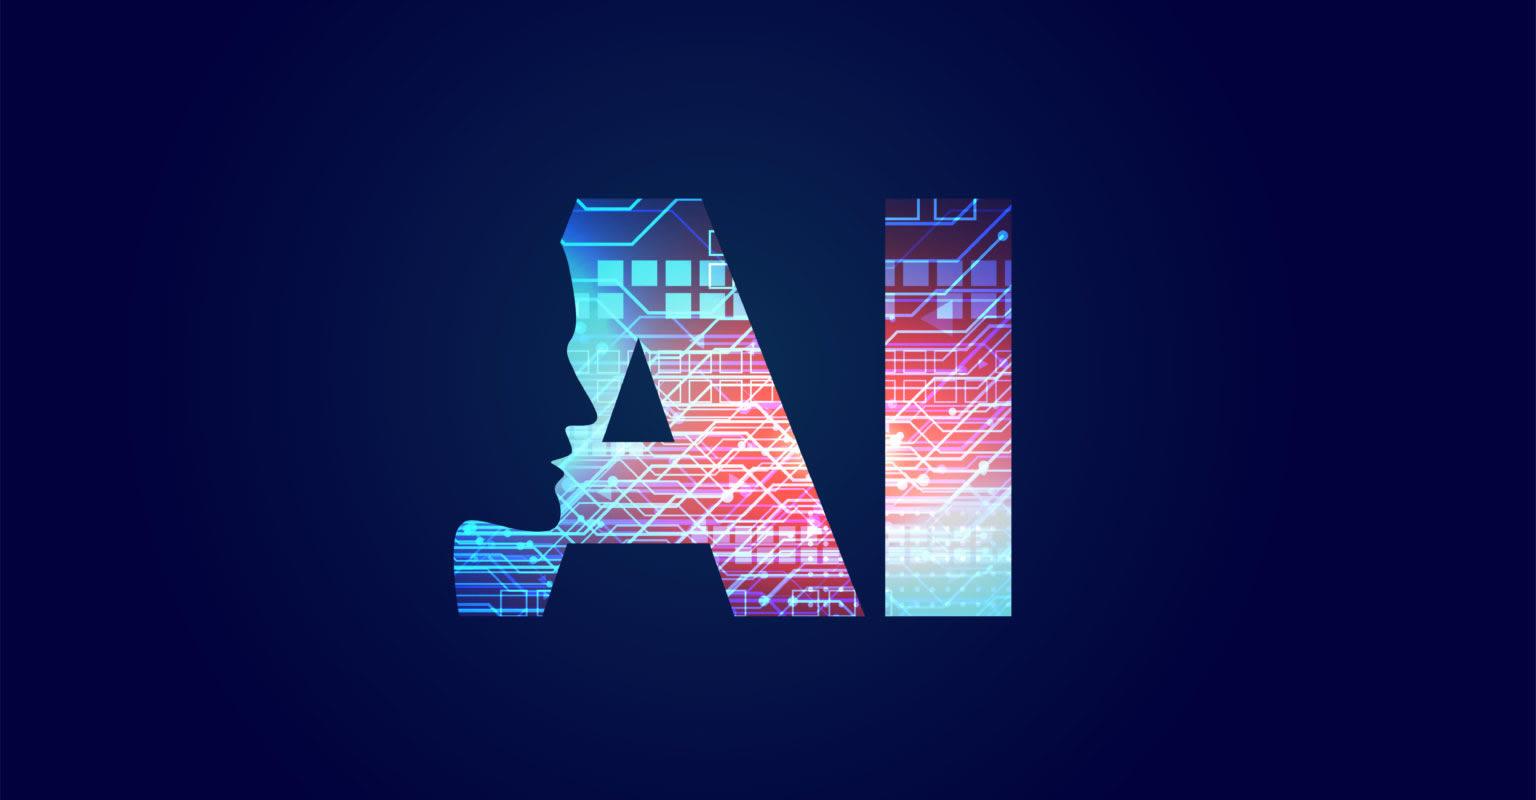 IA en procesos productivos: 3 razones para implementarlo